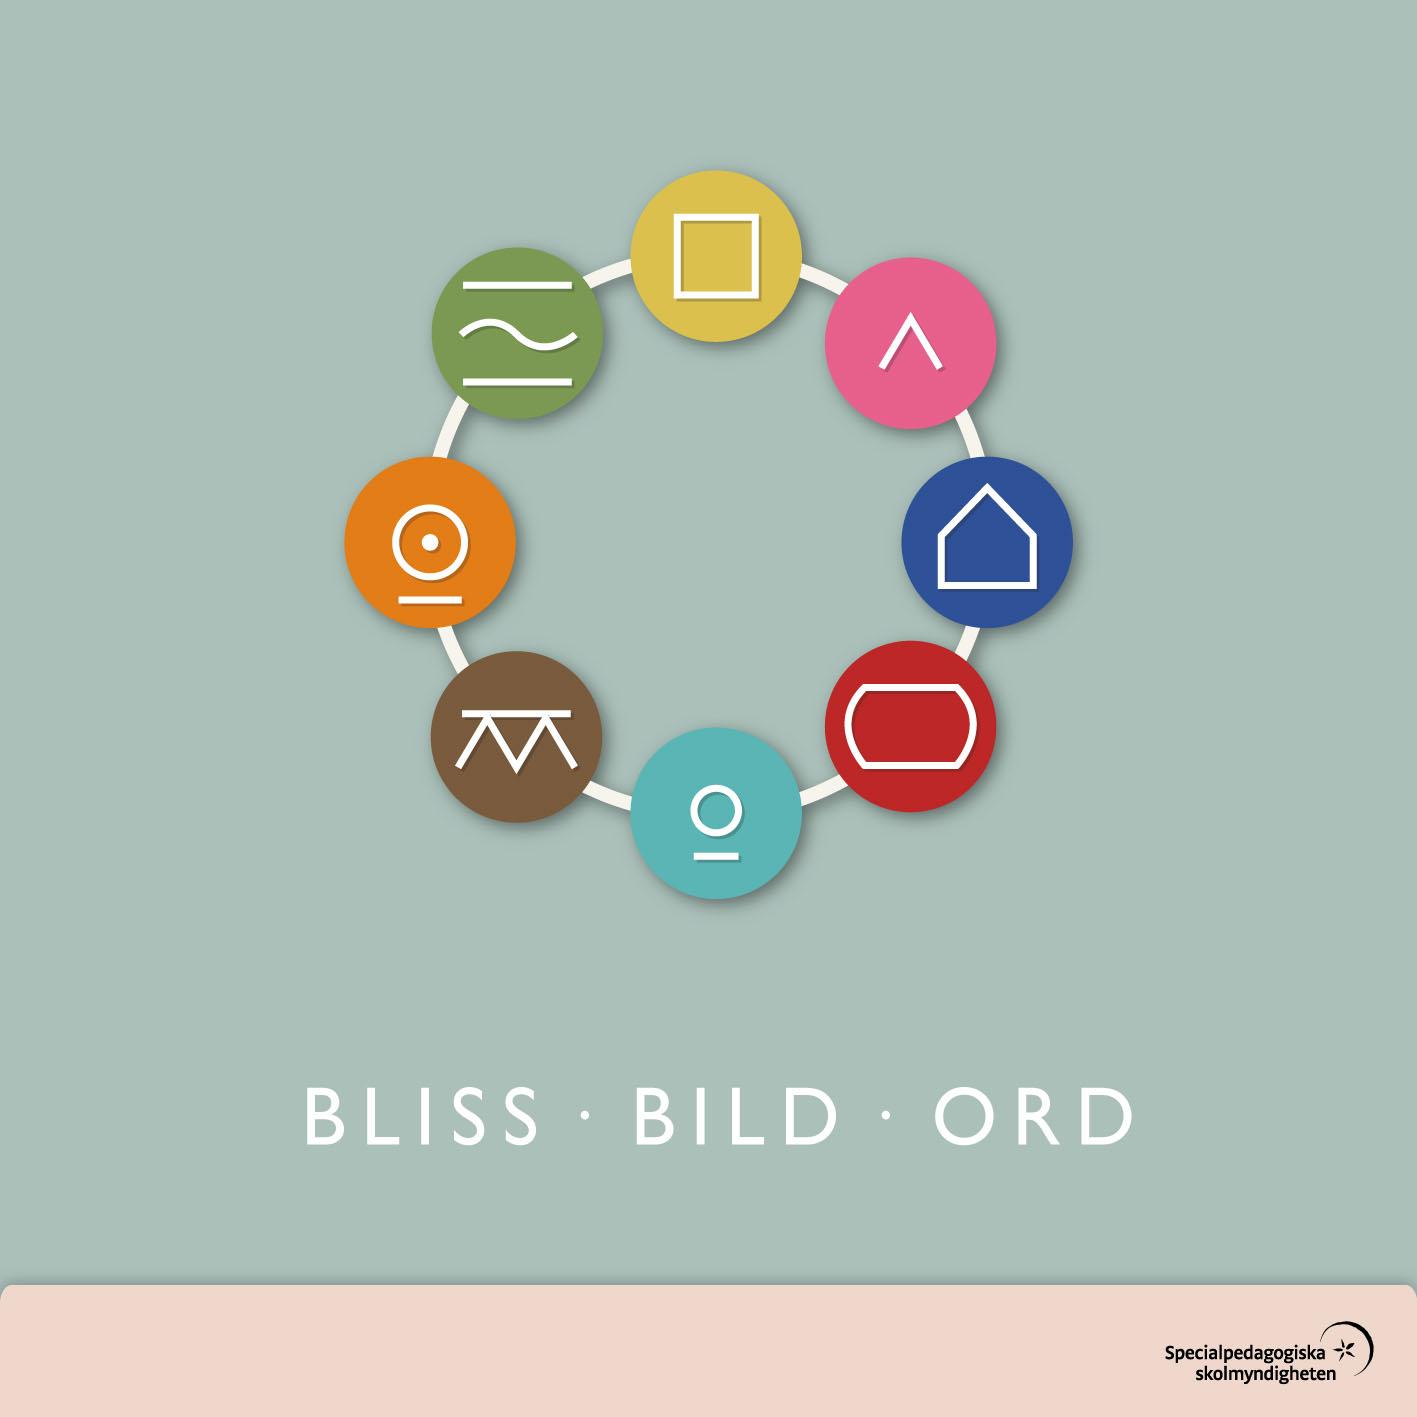 Bliss. Bild. Ord.